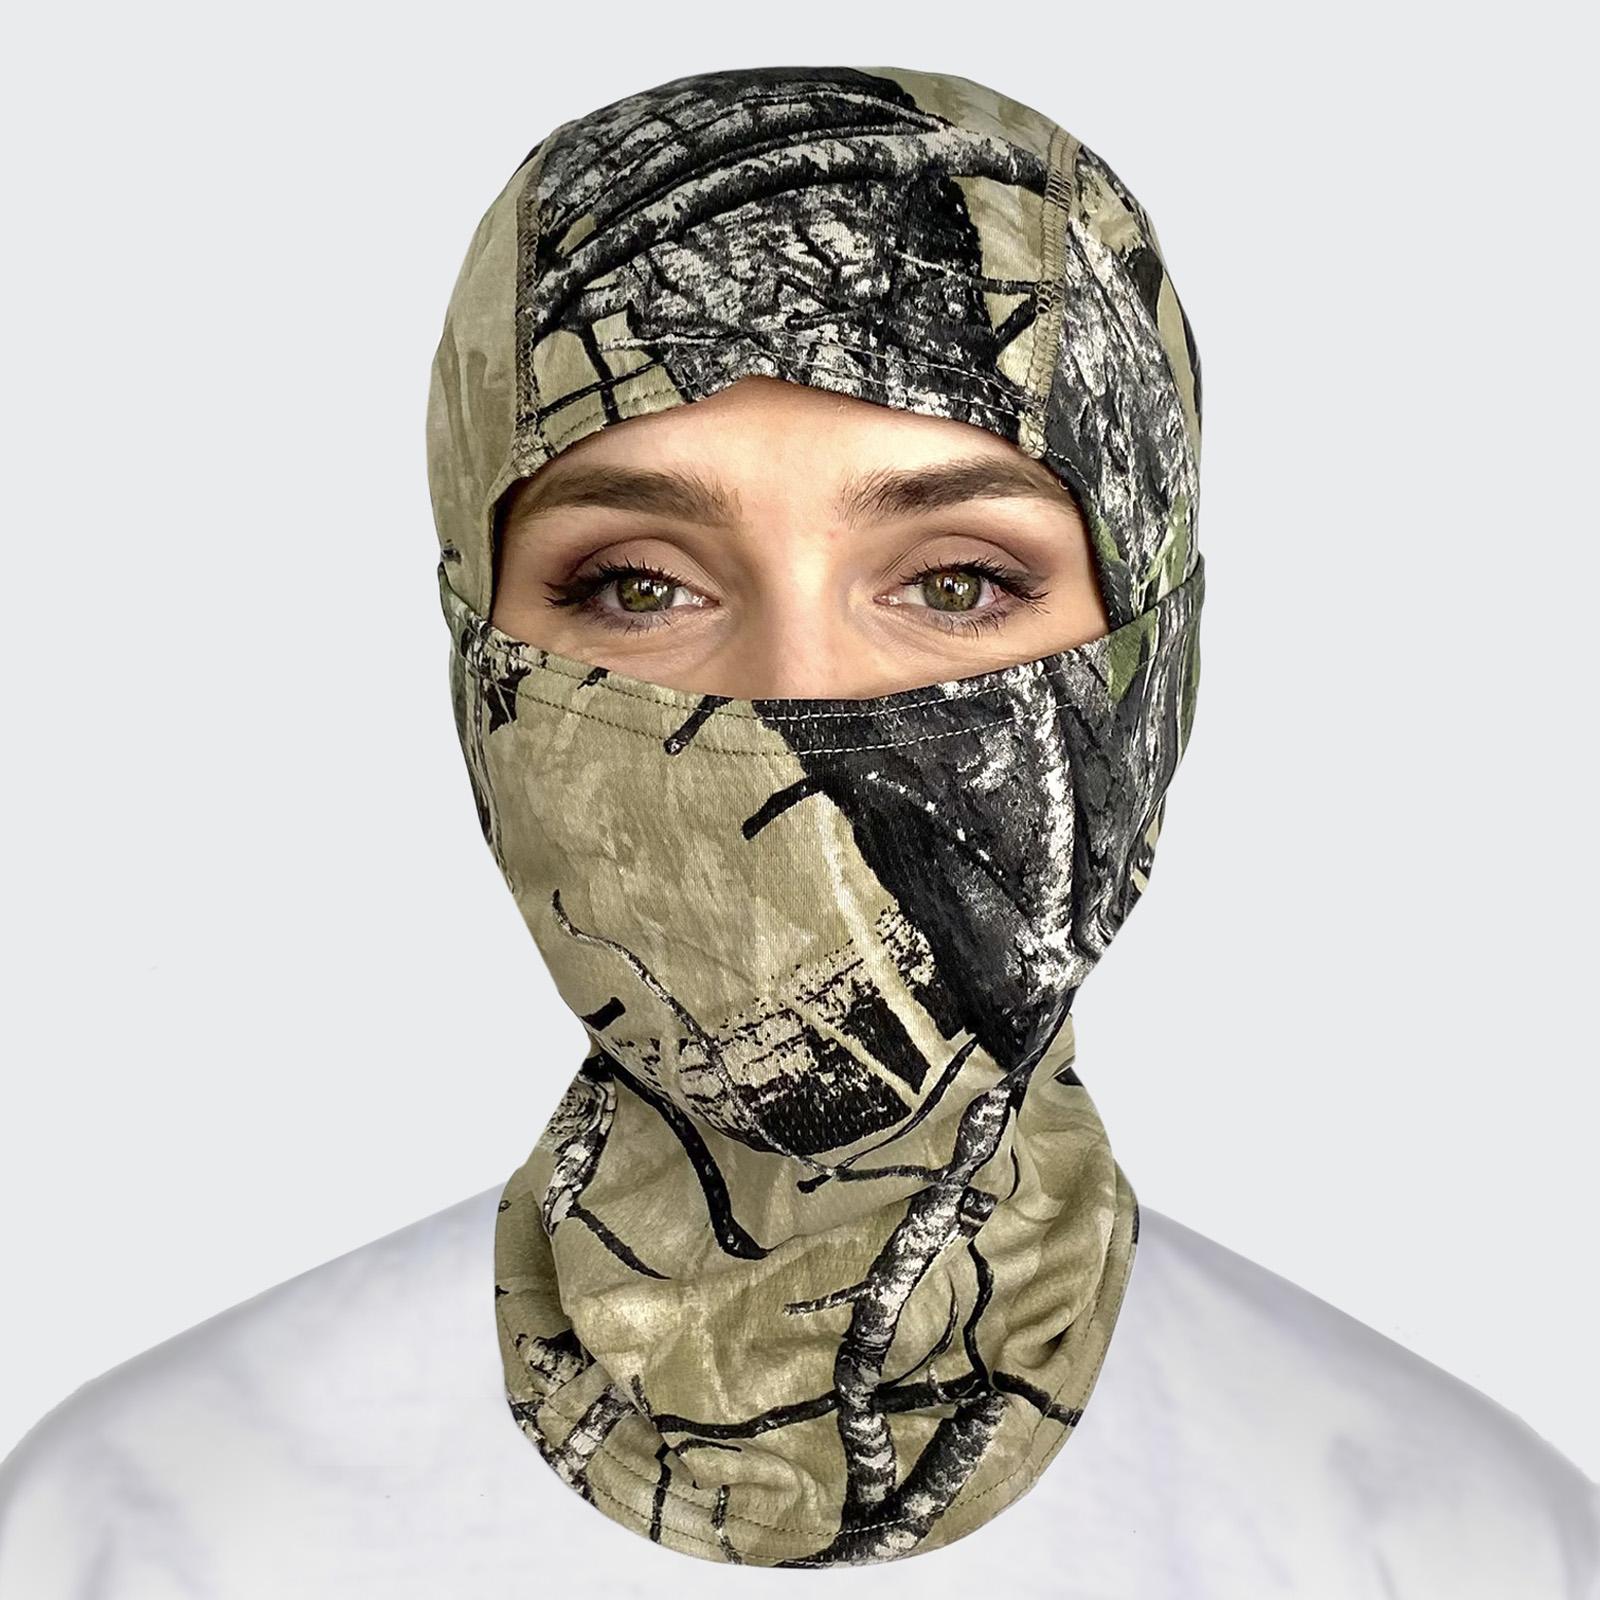 Универсальная маска для лица Realtree Hardwoods Green HD